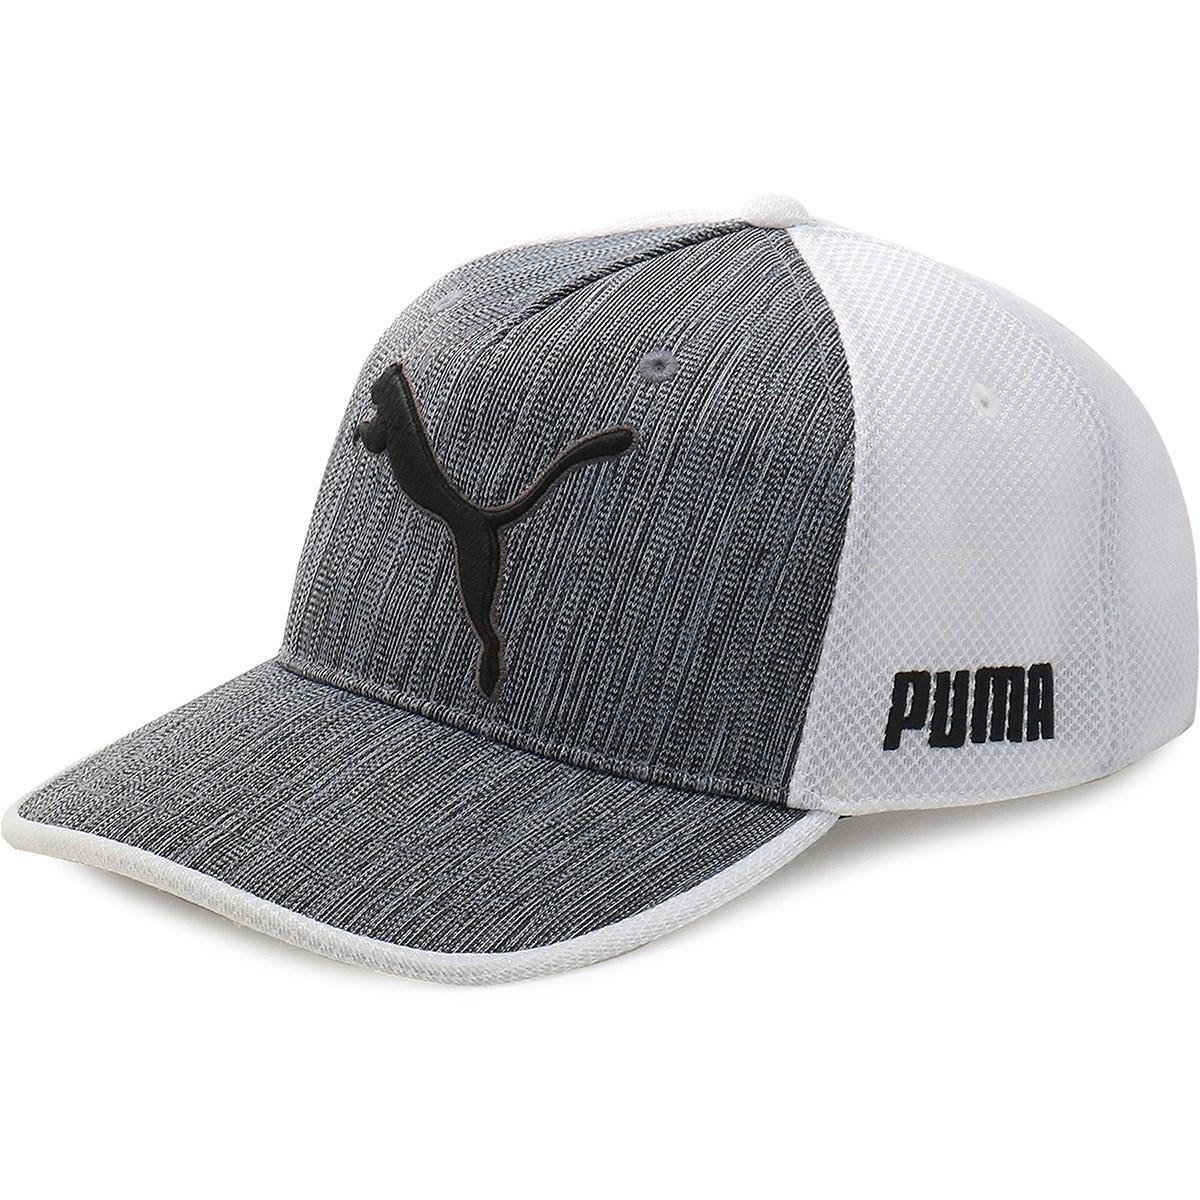 プーマ PUMA ラッセル キャップ フリー ミディアムグレーヘザー 03